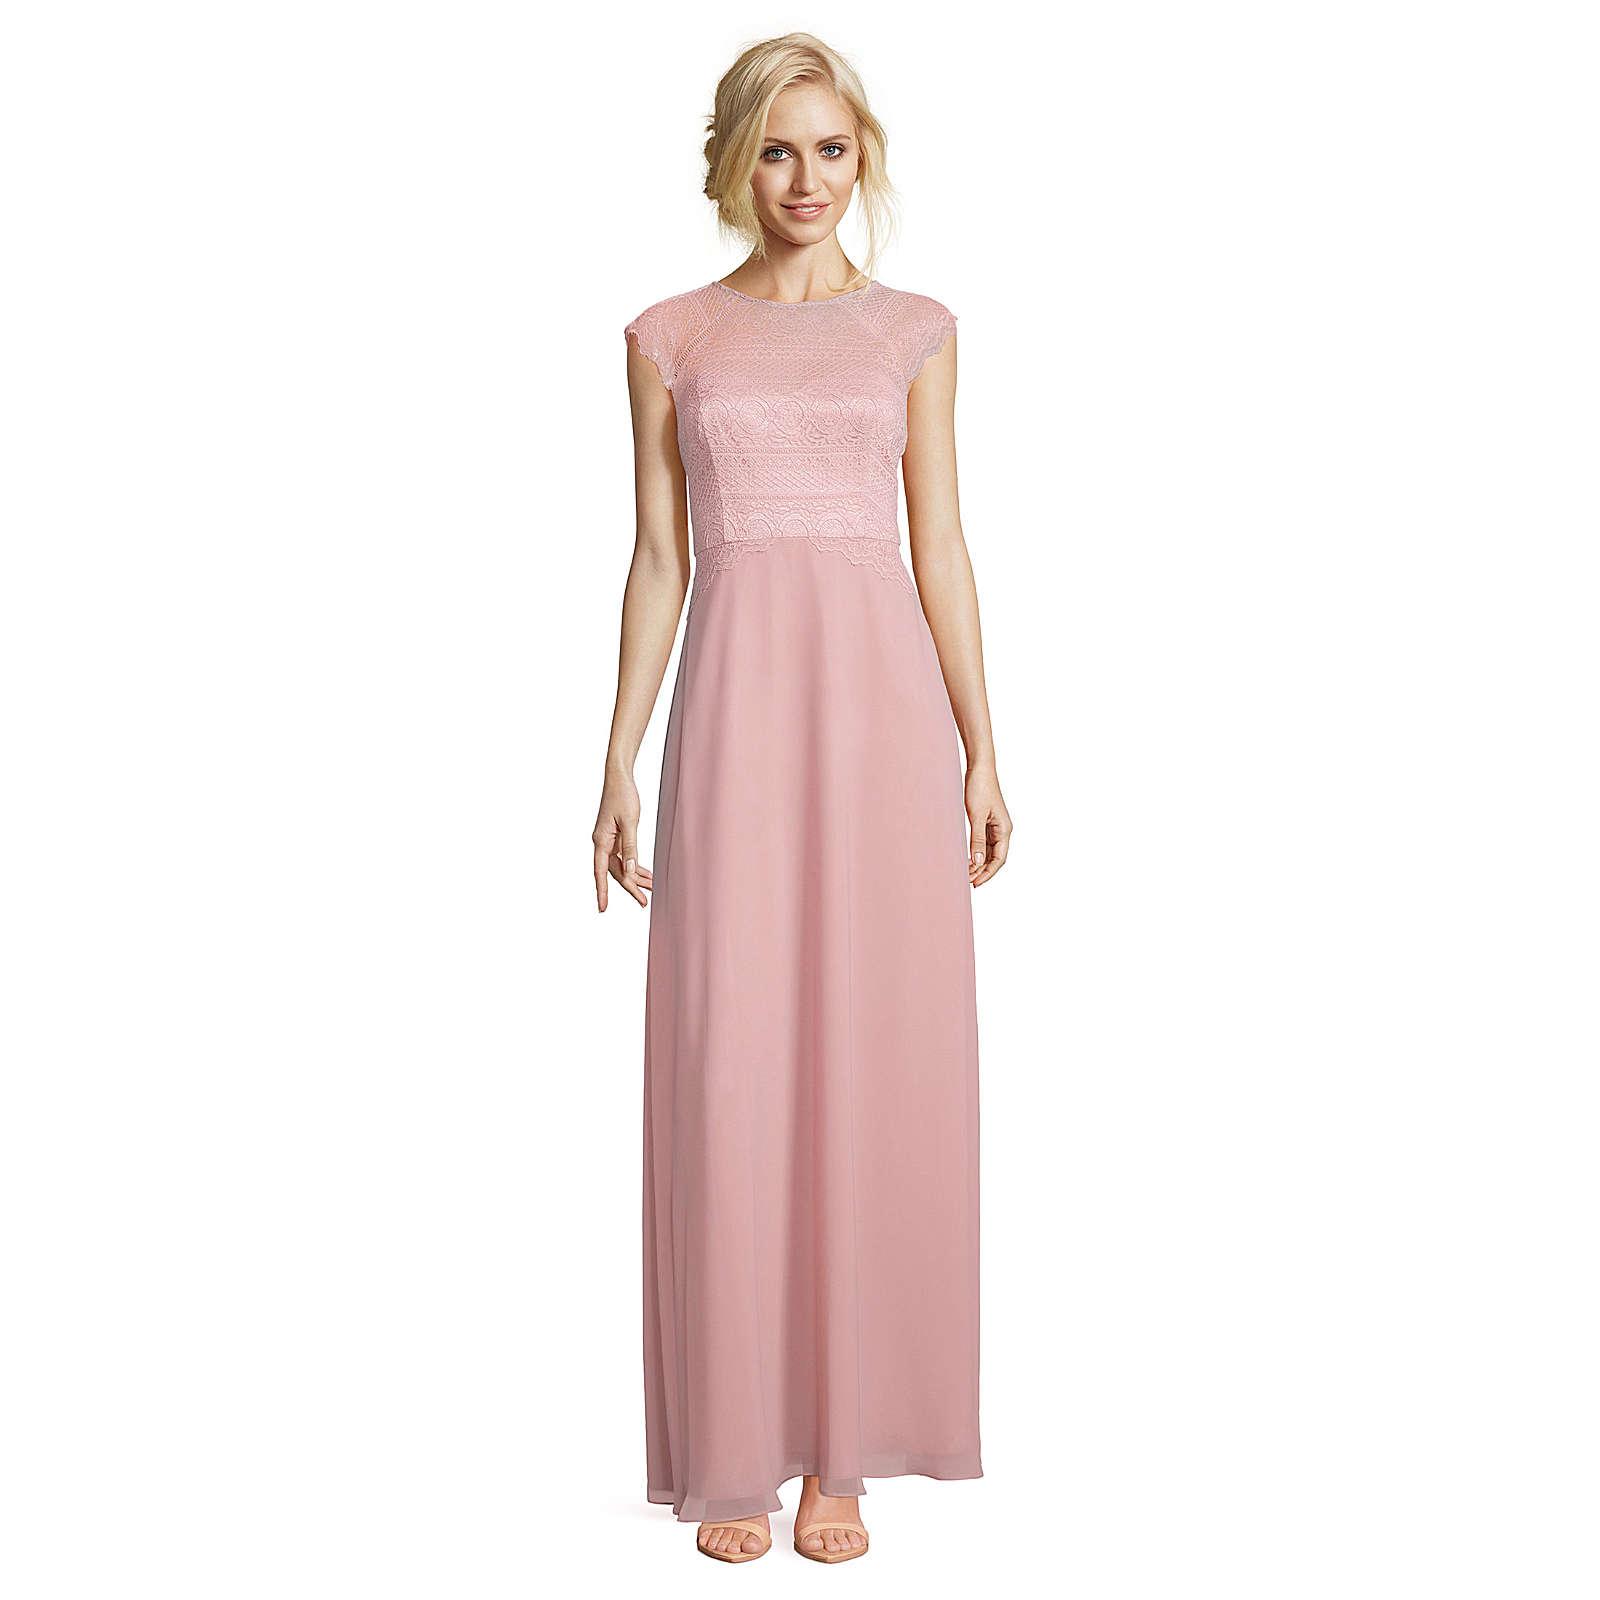 Vera Mont Abiballkleid mit überschnittenen Ärmeln hellrosa Damen Gr. 40